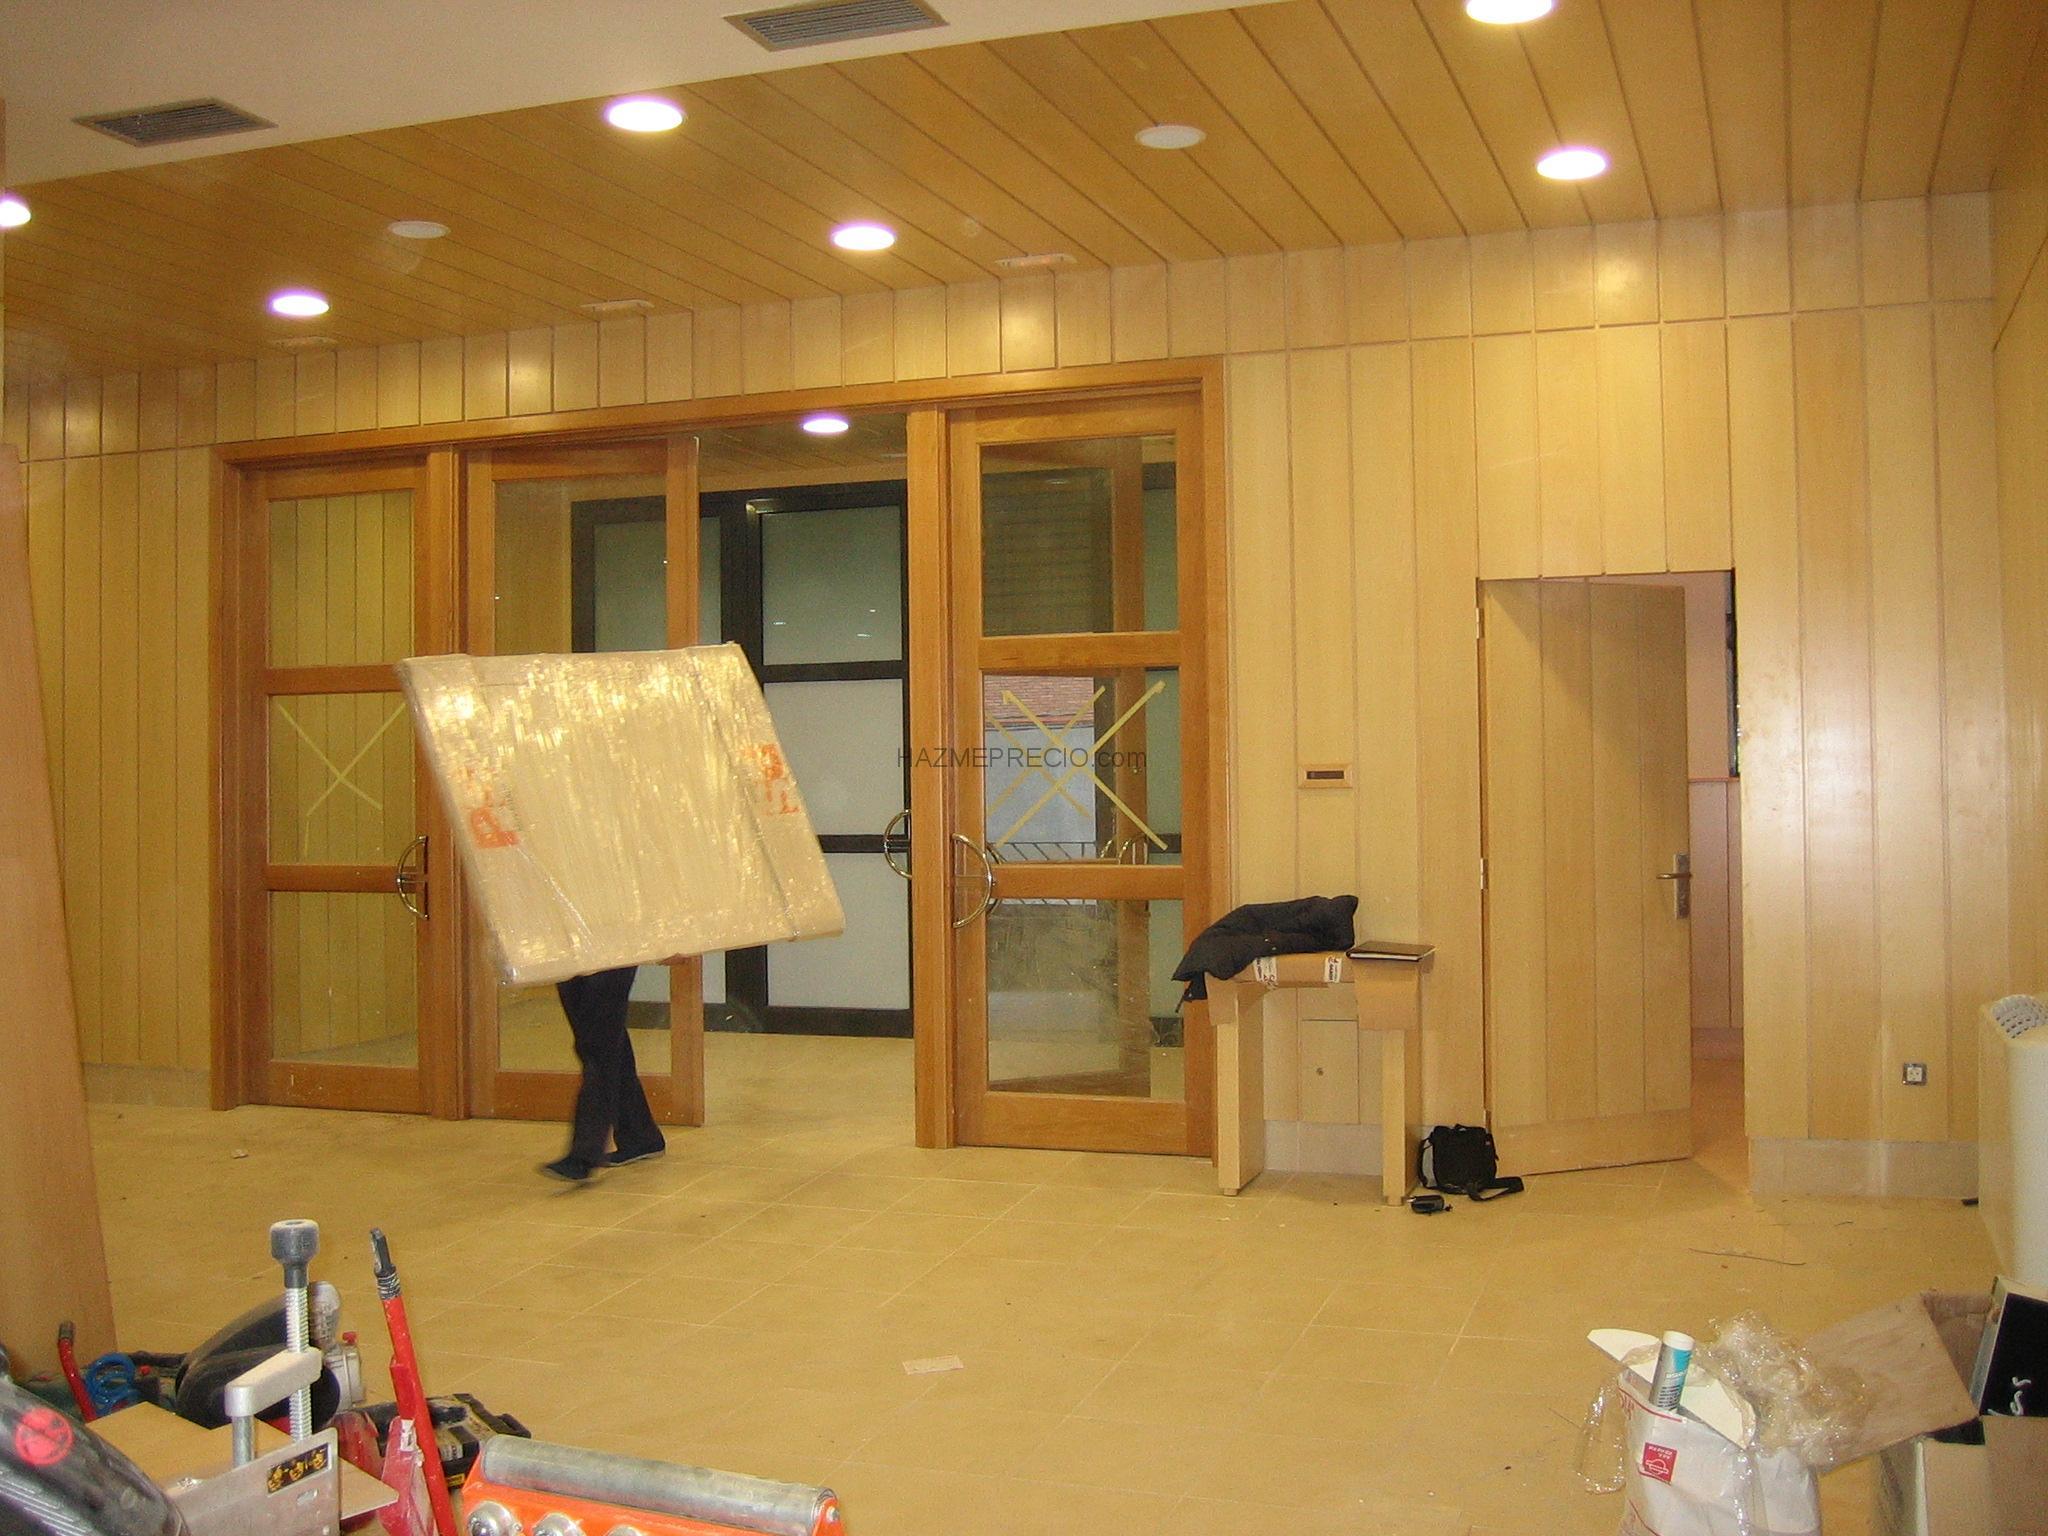 Carpinter a ebanister a duo 48510 valle de tr paga - Madera paredes interiores ...